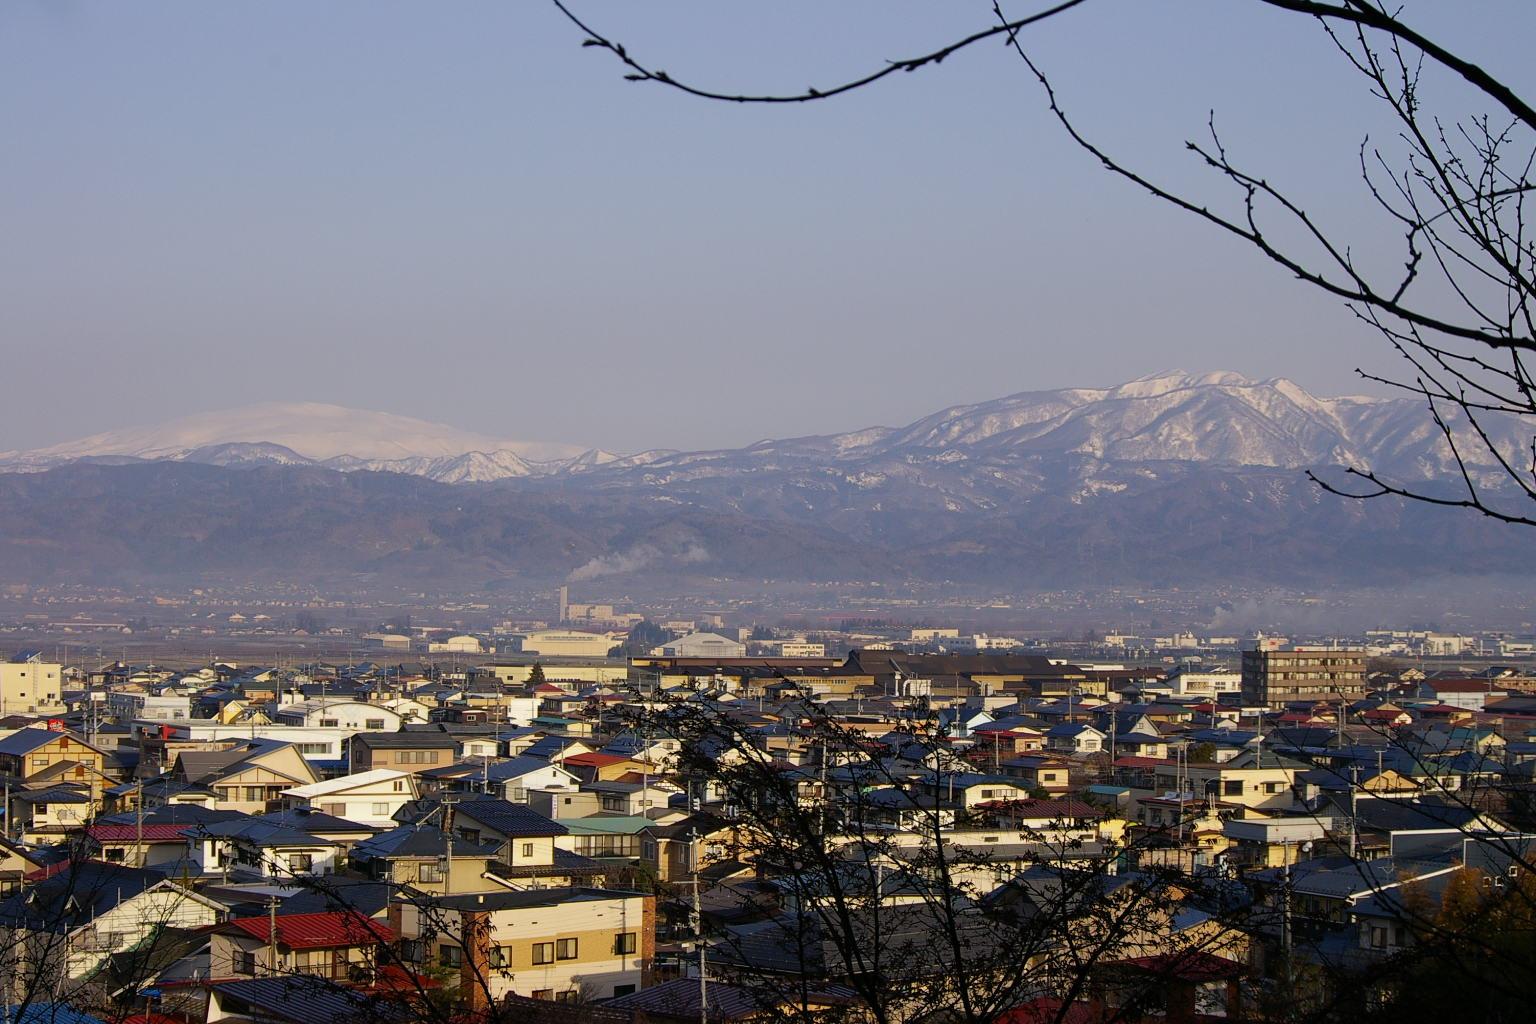 若木山から眺めた月山と葉山